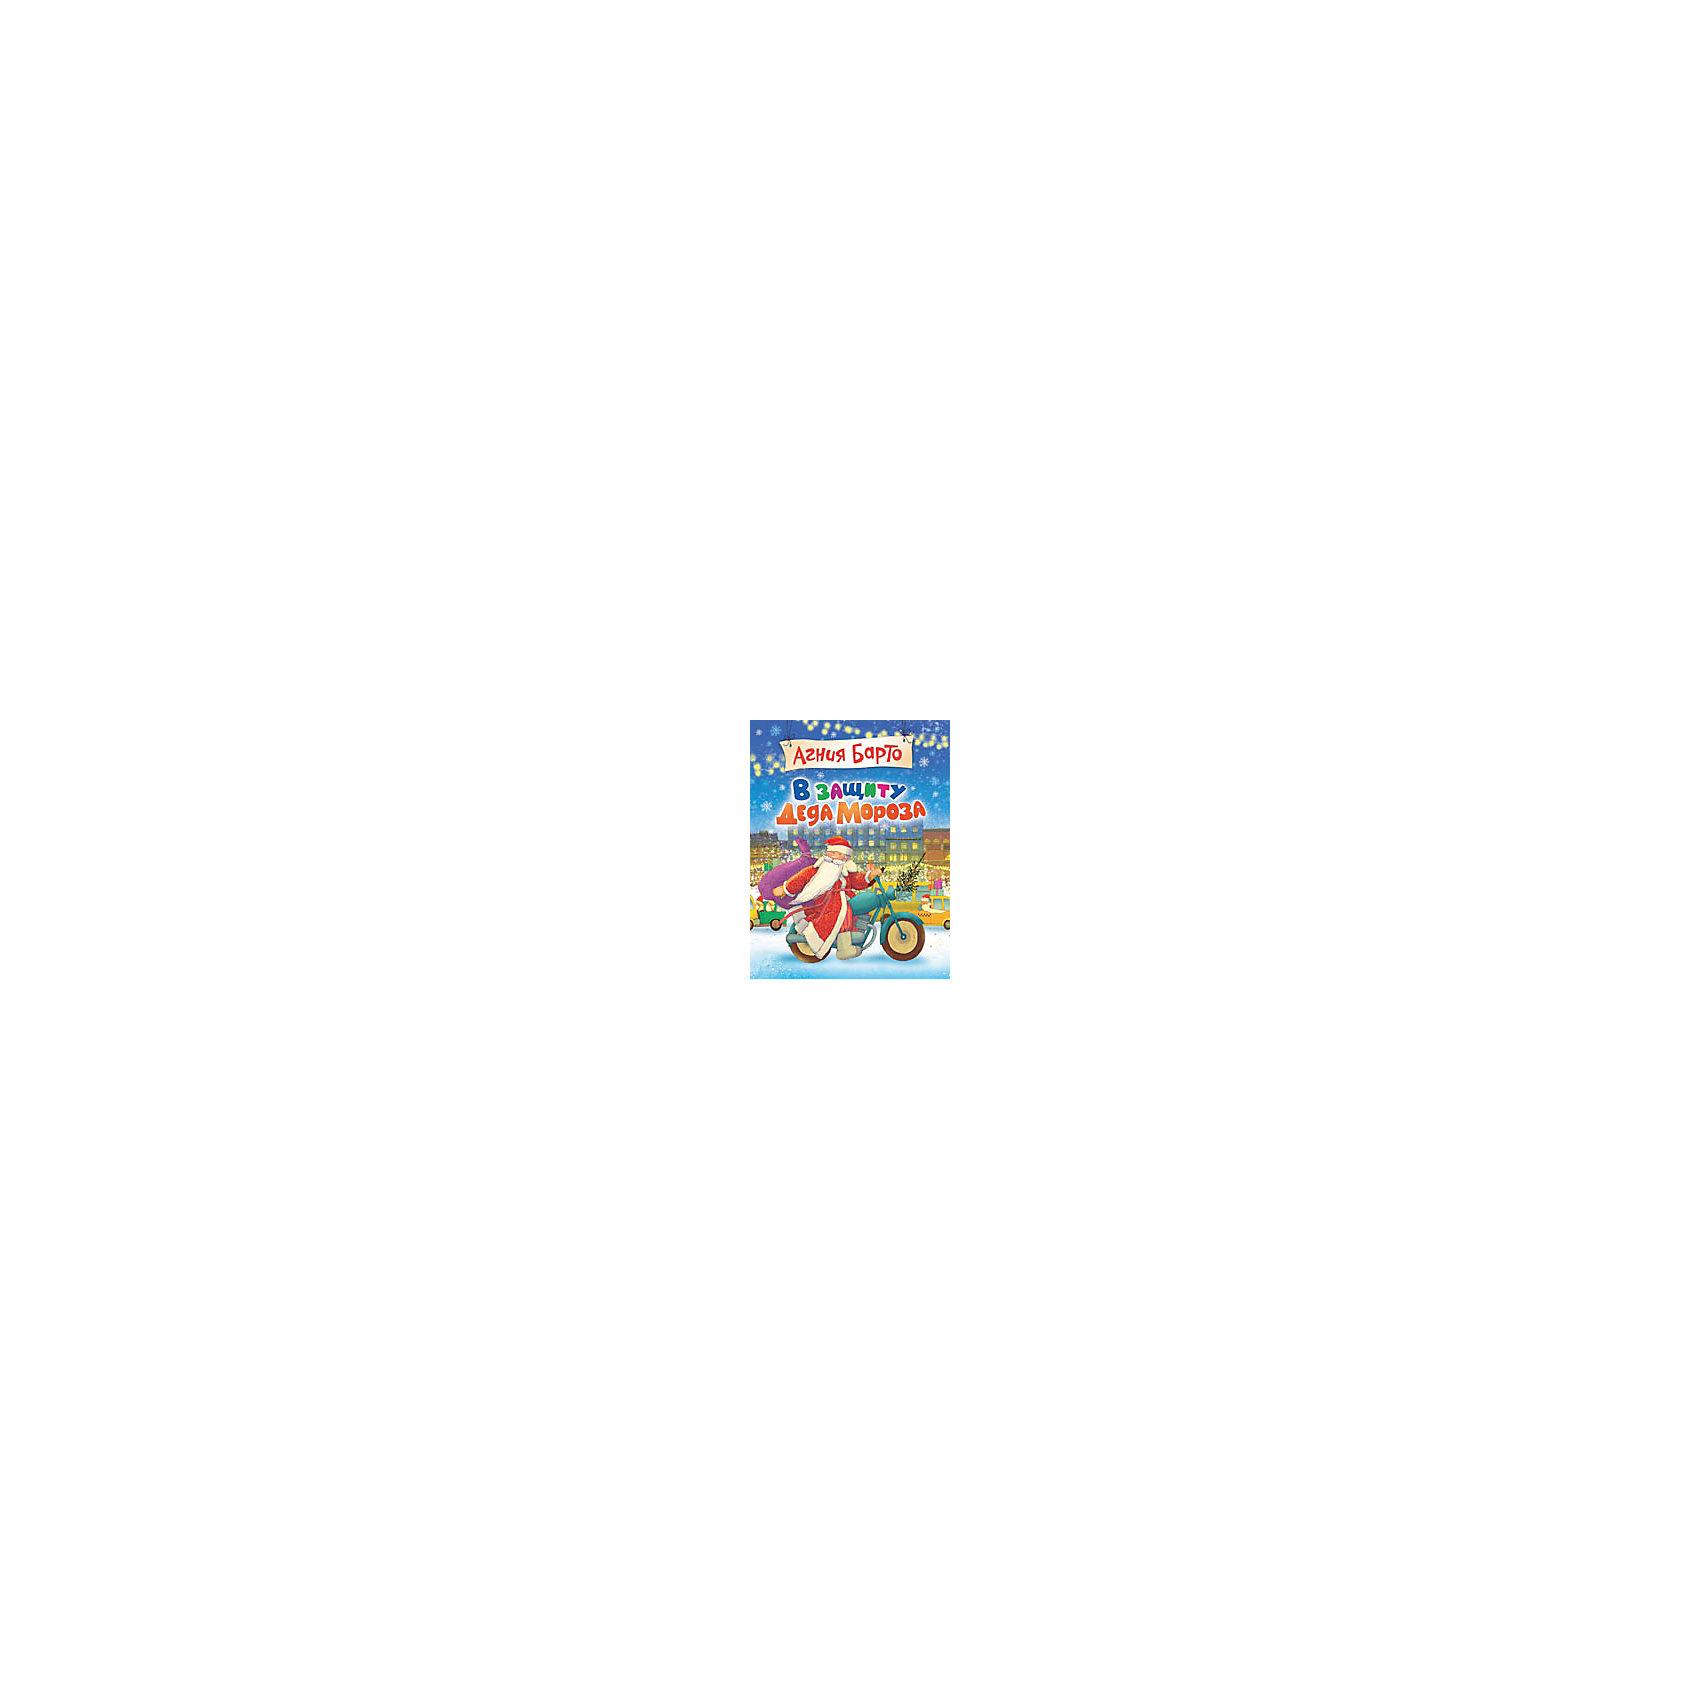 В защиту Деда Мороза, Стихи, А. БартоВ сборник «В защиту Деда Мороза» вошли стихотворения «Дело было в январе», «Сто одежек», «Новая Снегурочка», «Два снежка», «Ёлка», «Рукавички я забыла». Стихи Агнии Барто украсят новогодний праздник в кругу семьи и помогут родителям подготовить детей к предновогодним утренникам в детских садах. &#13;<br>Иллюстрации Елены Селивановой.<br><br>Ширина мм: 263<br>Глубина мм: 201<br>Высота мм: 7<br>Вес г: 319<br>Возраст от месяцев: 36<br>Возраст до месяцев: 60<br>Пол: Унисекс<br>Возраст: Детский<br>SKU: 5016325